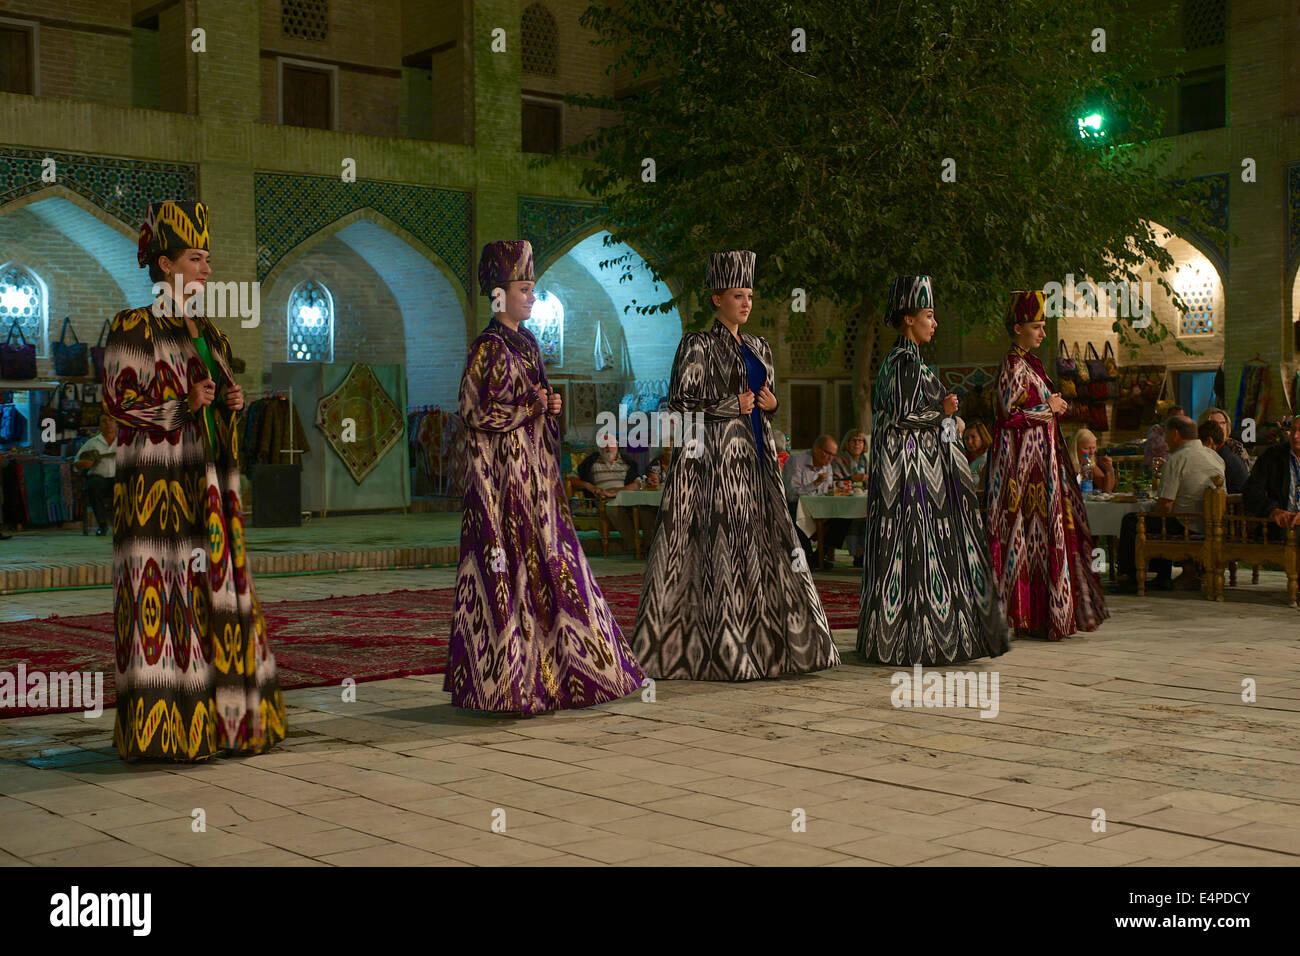 Abendveranstaltung mit lokalen Speisen und tanzen, Nadir Divan-Beghi Medresse, Buchara, Usbekistan Stockbild